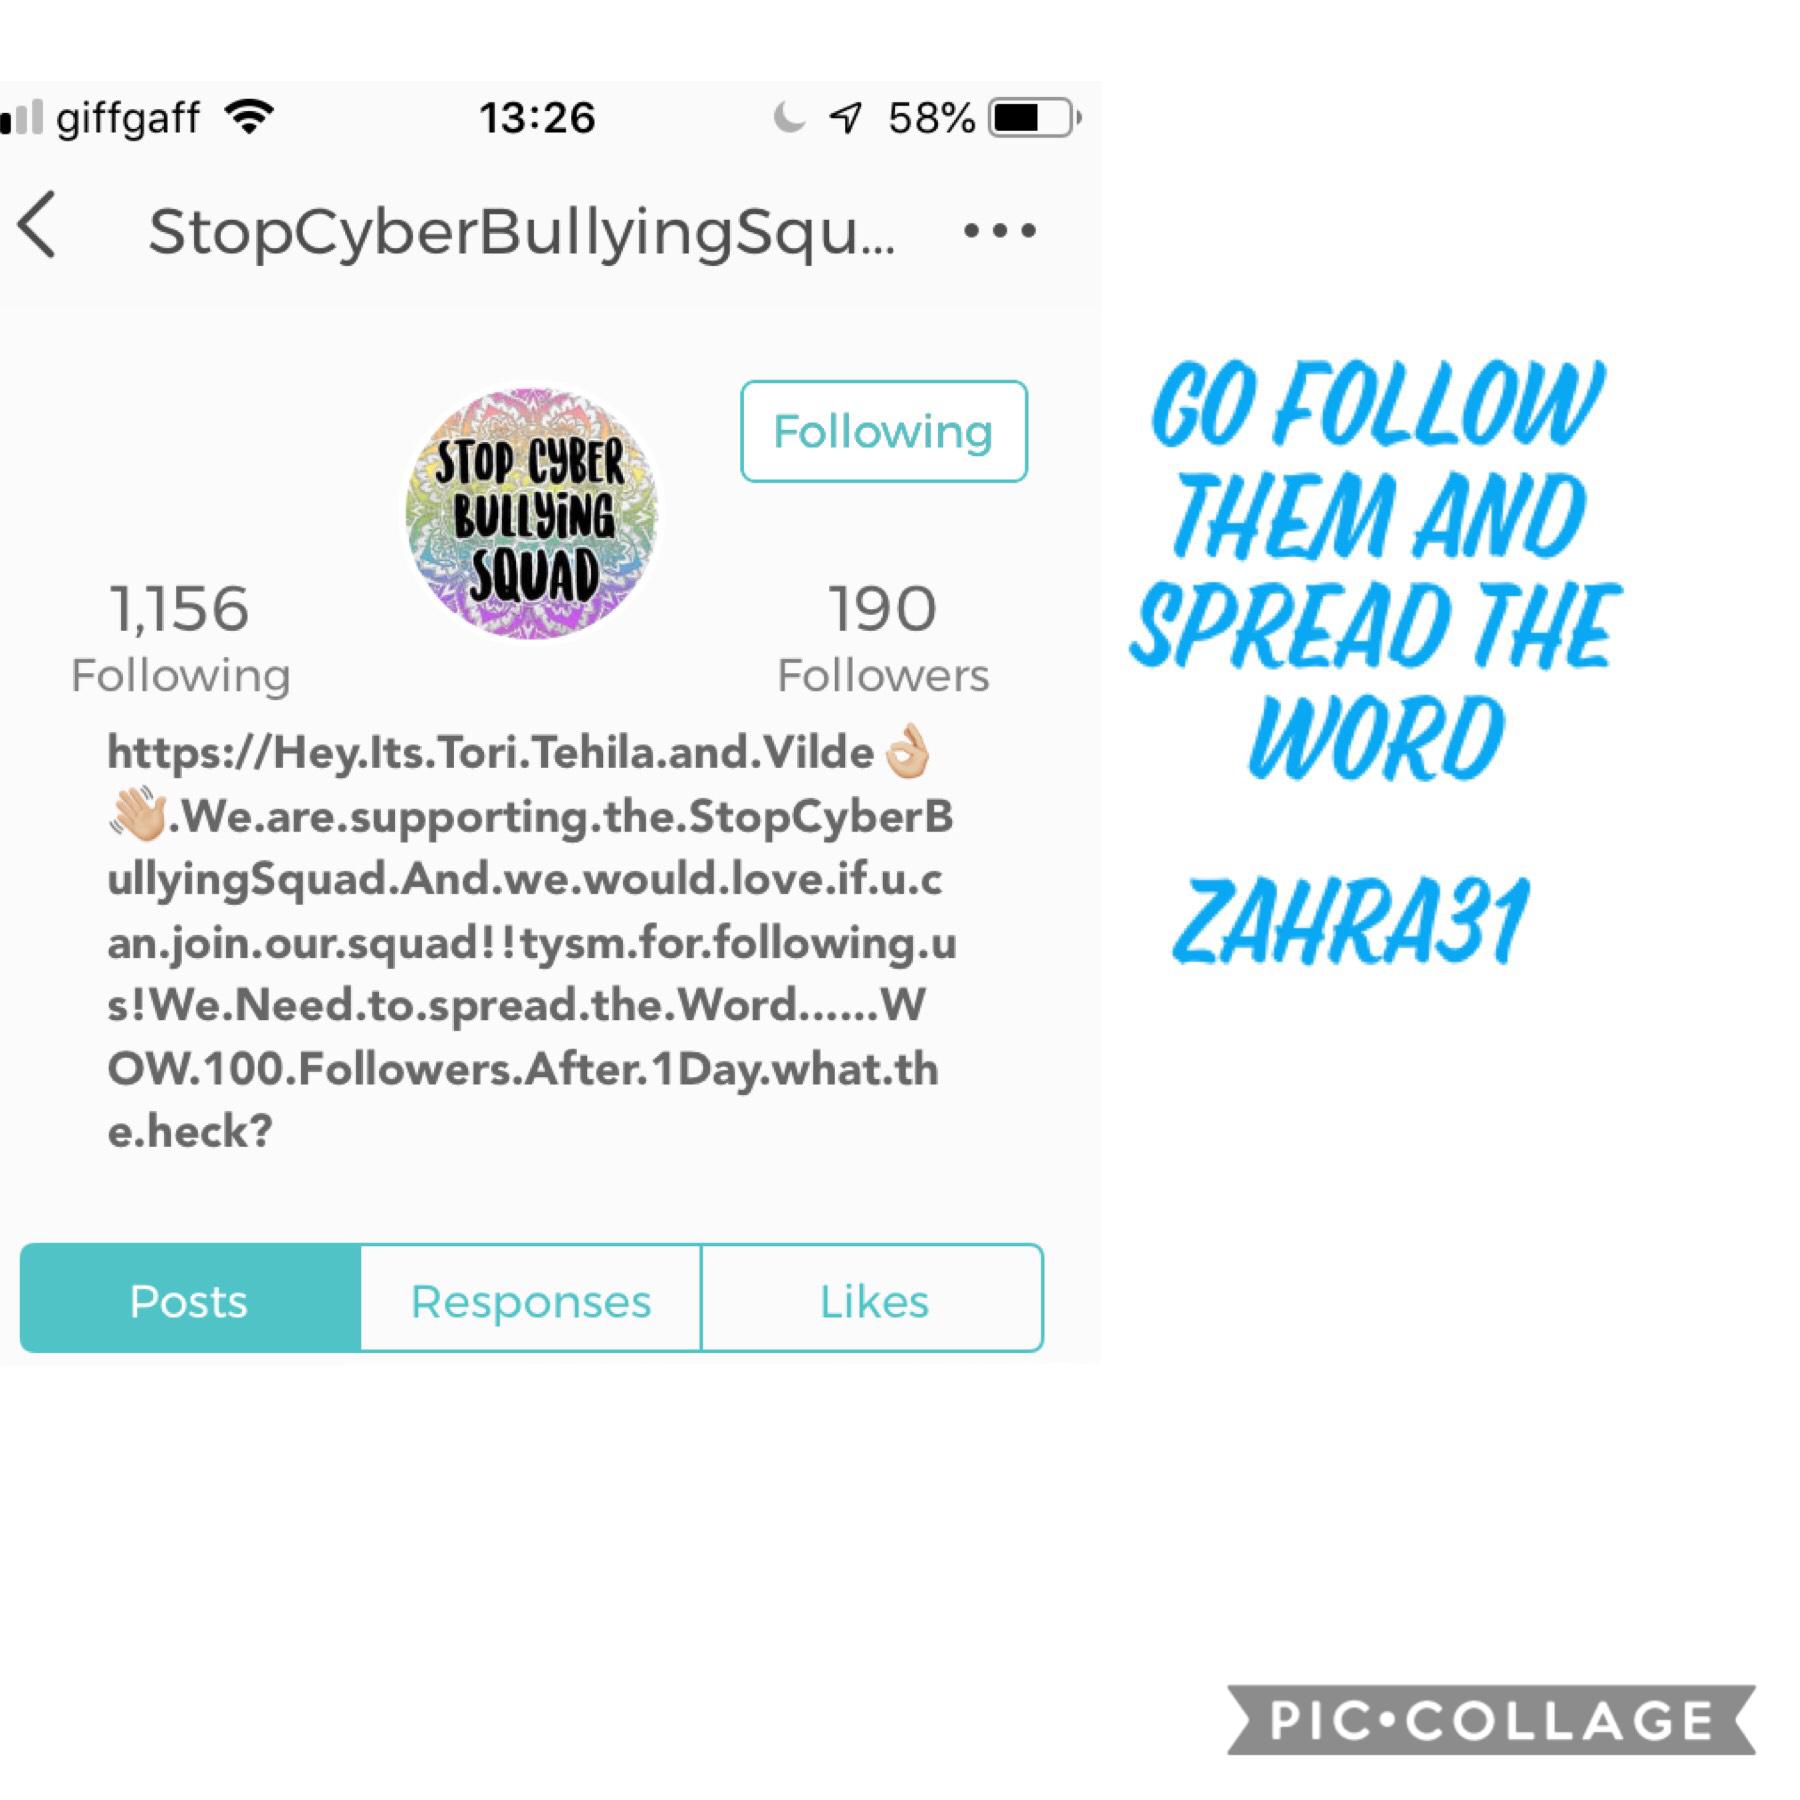 Go follow them!